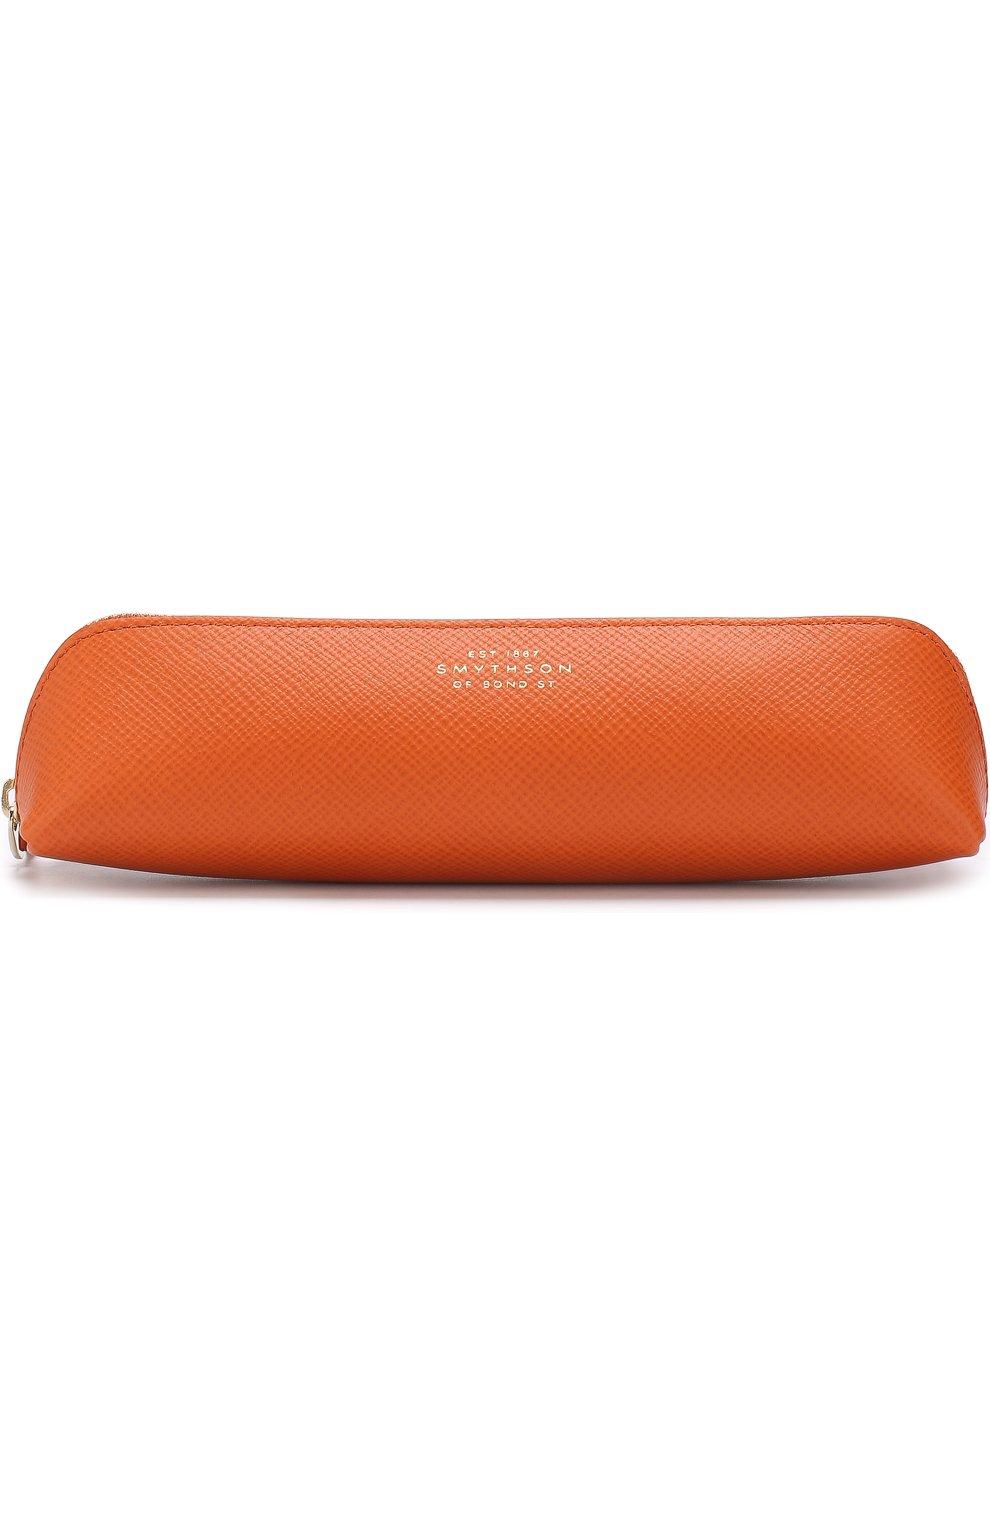 Мужской кожаный футляр для карандашей SMYTHSON оранжевого цвета, арт. 1020599   Фото 1